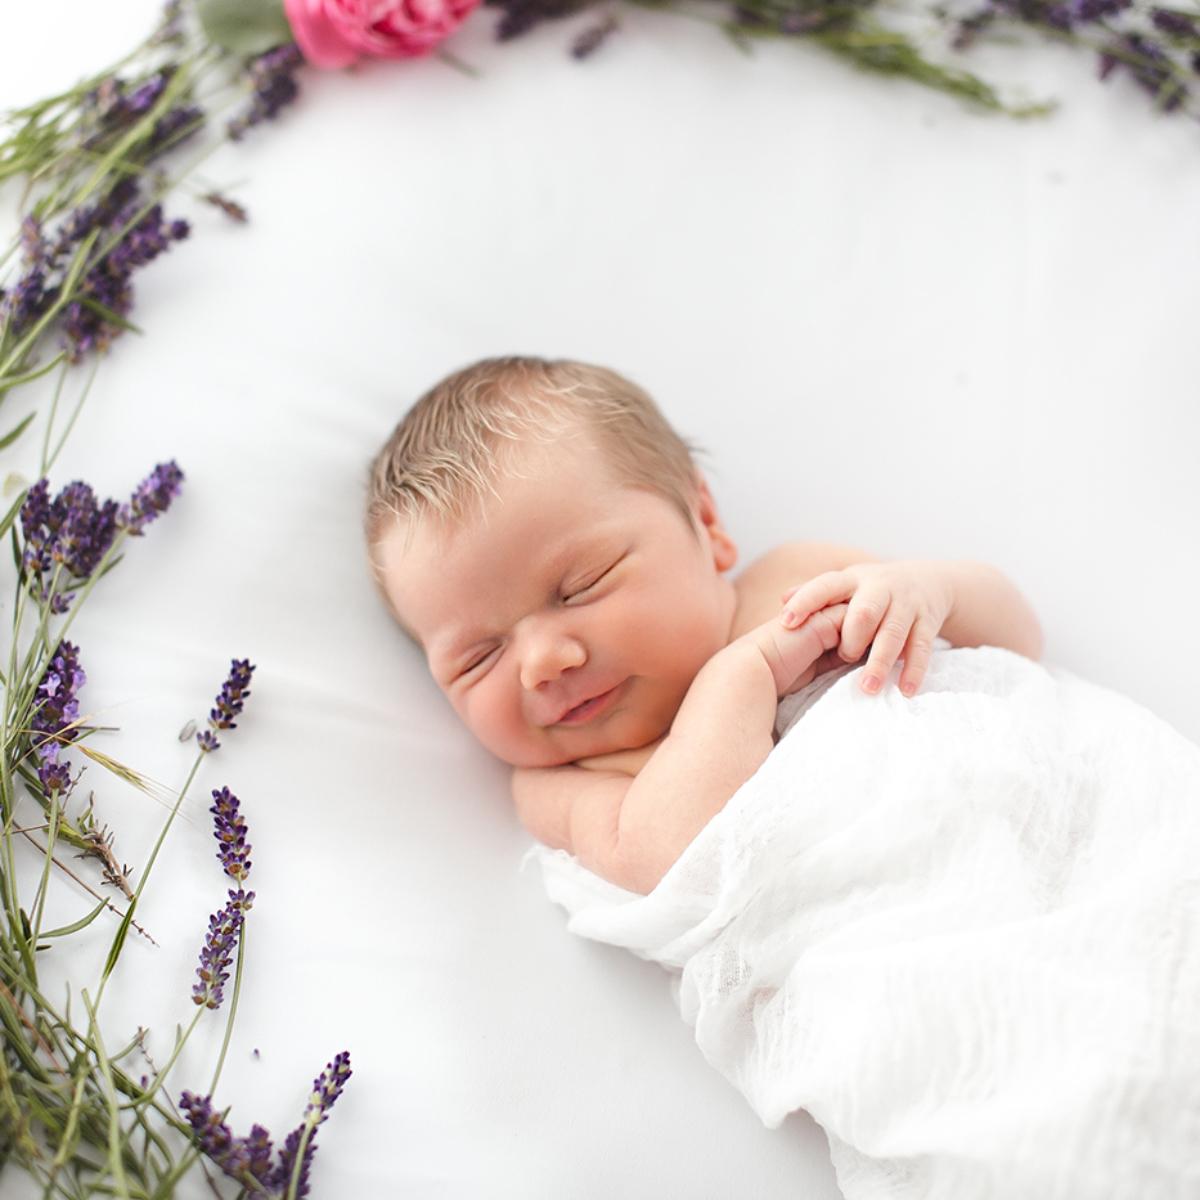 Zeitlose und natürliche Neugeborenenfotografie